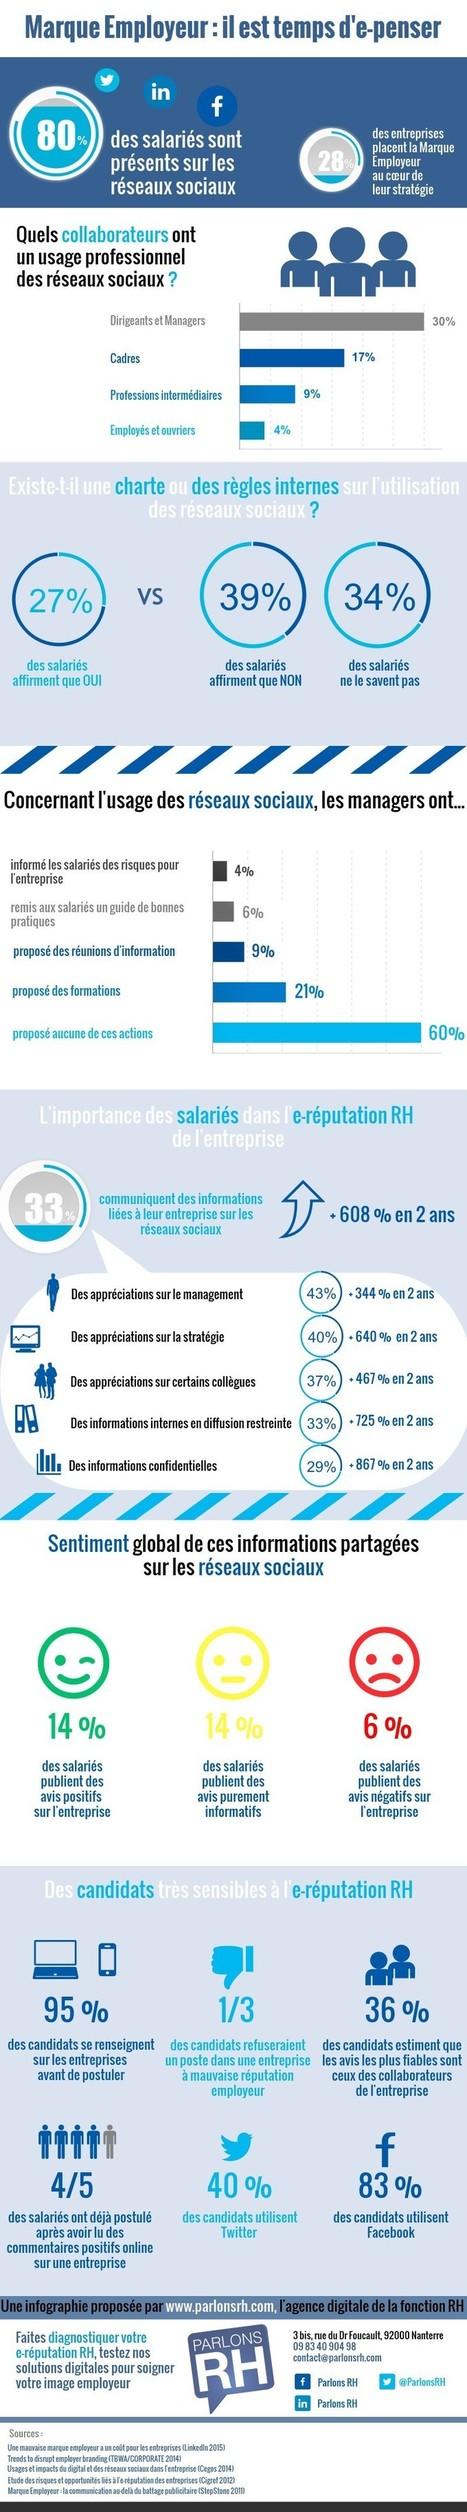 E-reputation et RH : l'infographie qui précise les enjeux | Marque employeur | Scoop.it